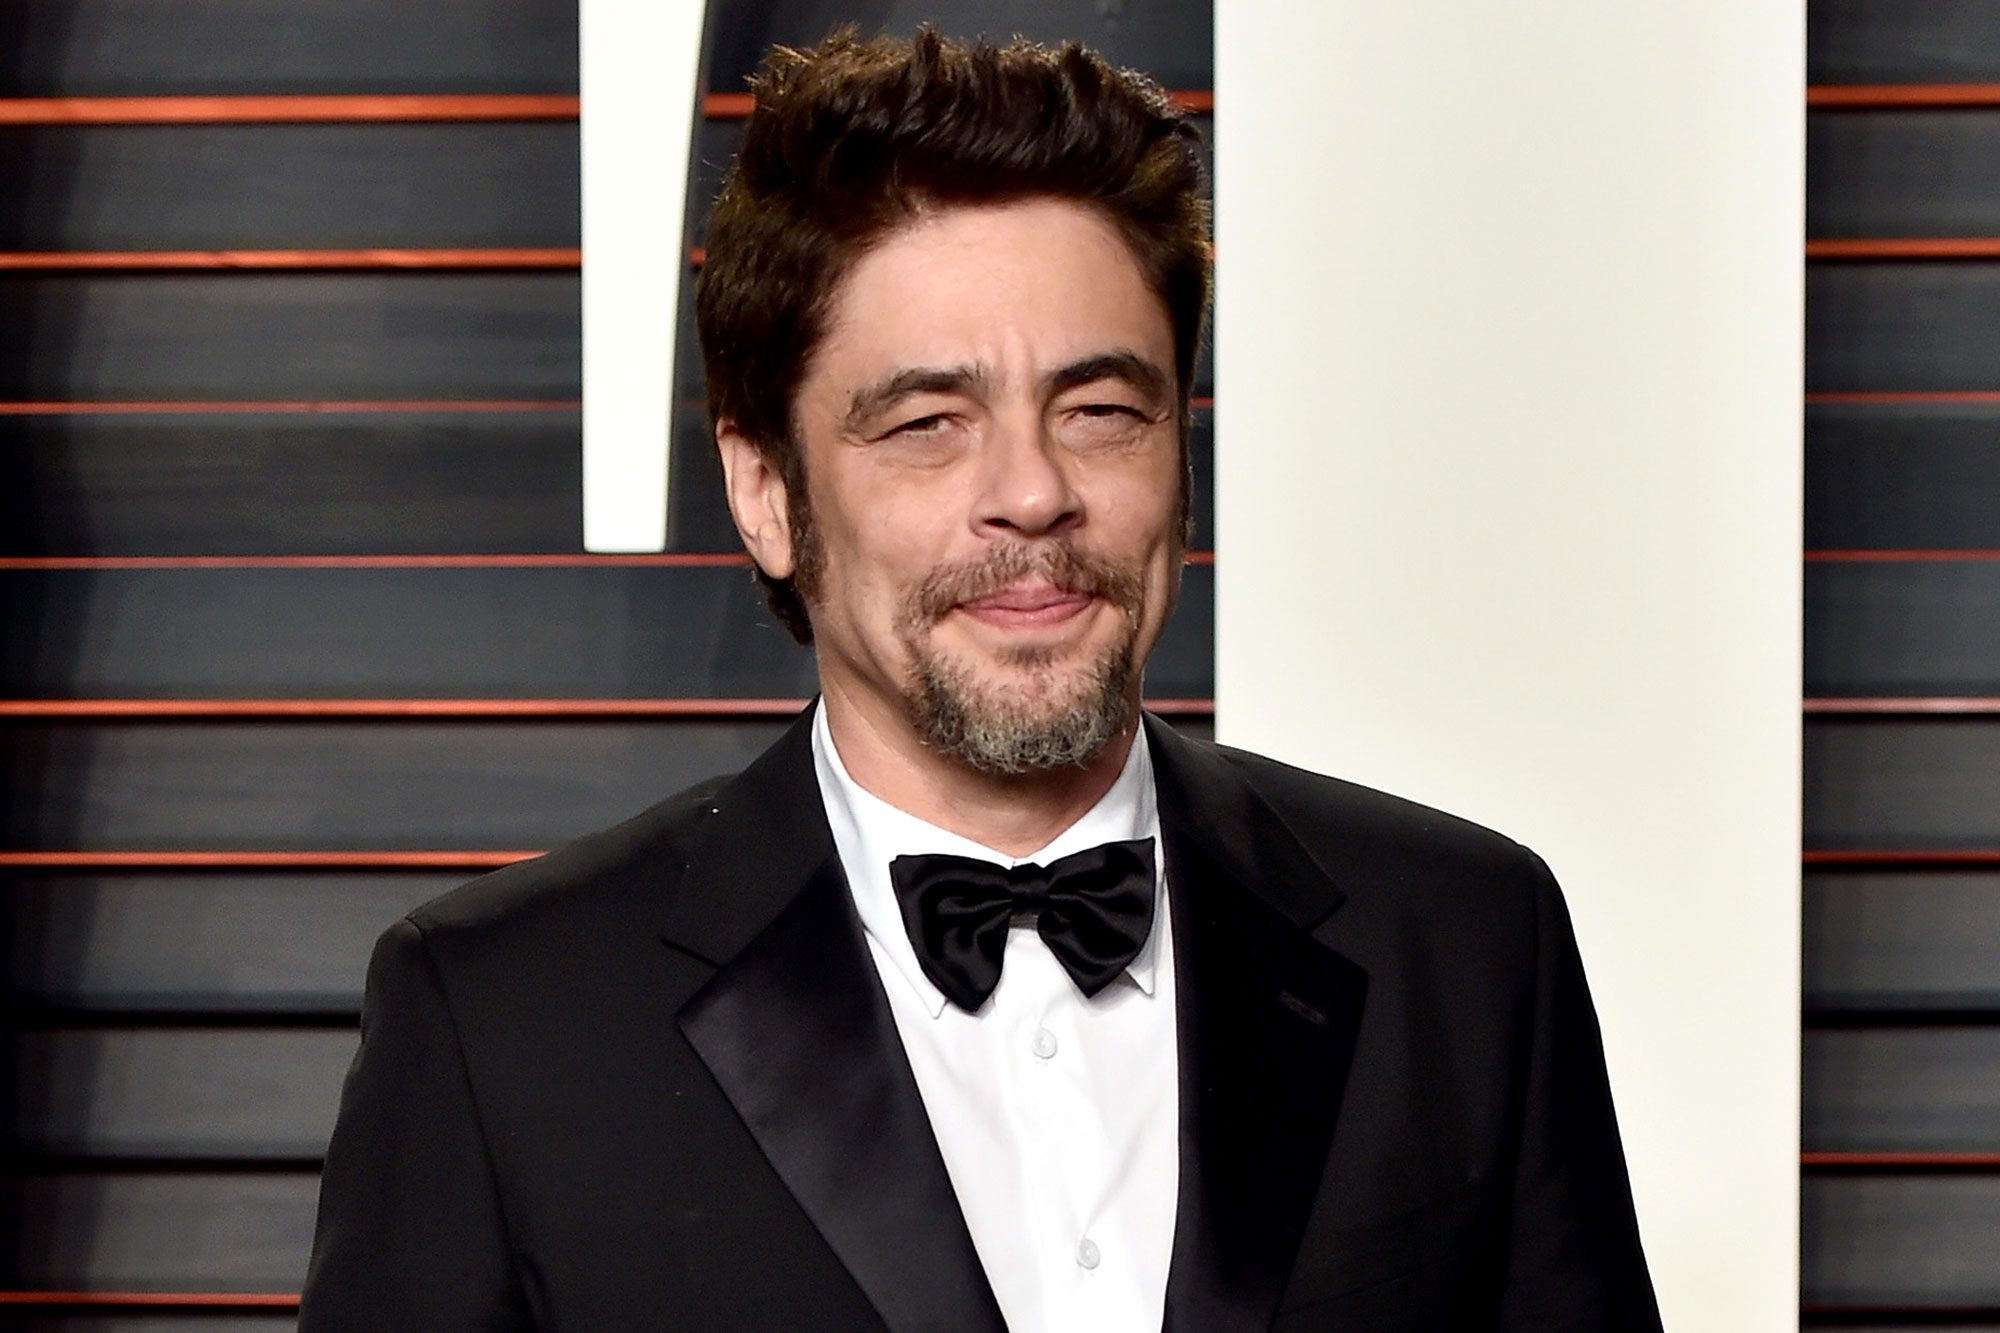 Exclusive: Benicio Del Toro Eyed For Villain Role In 'The